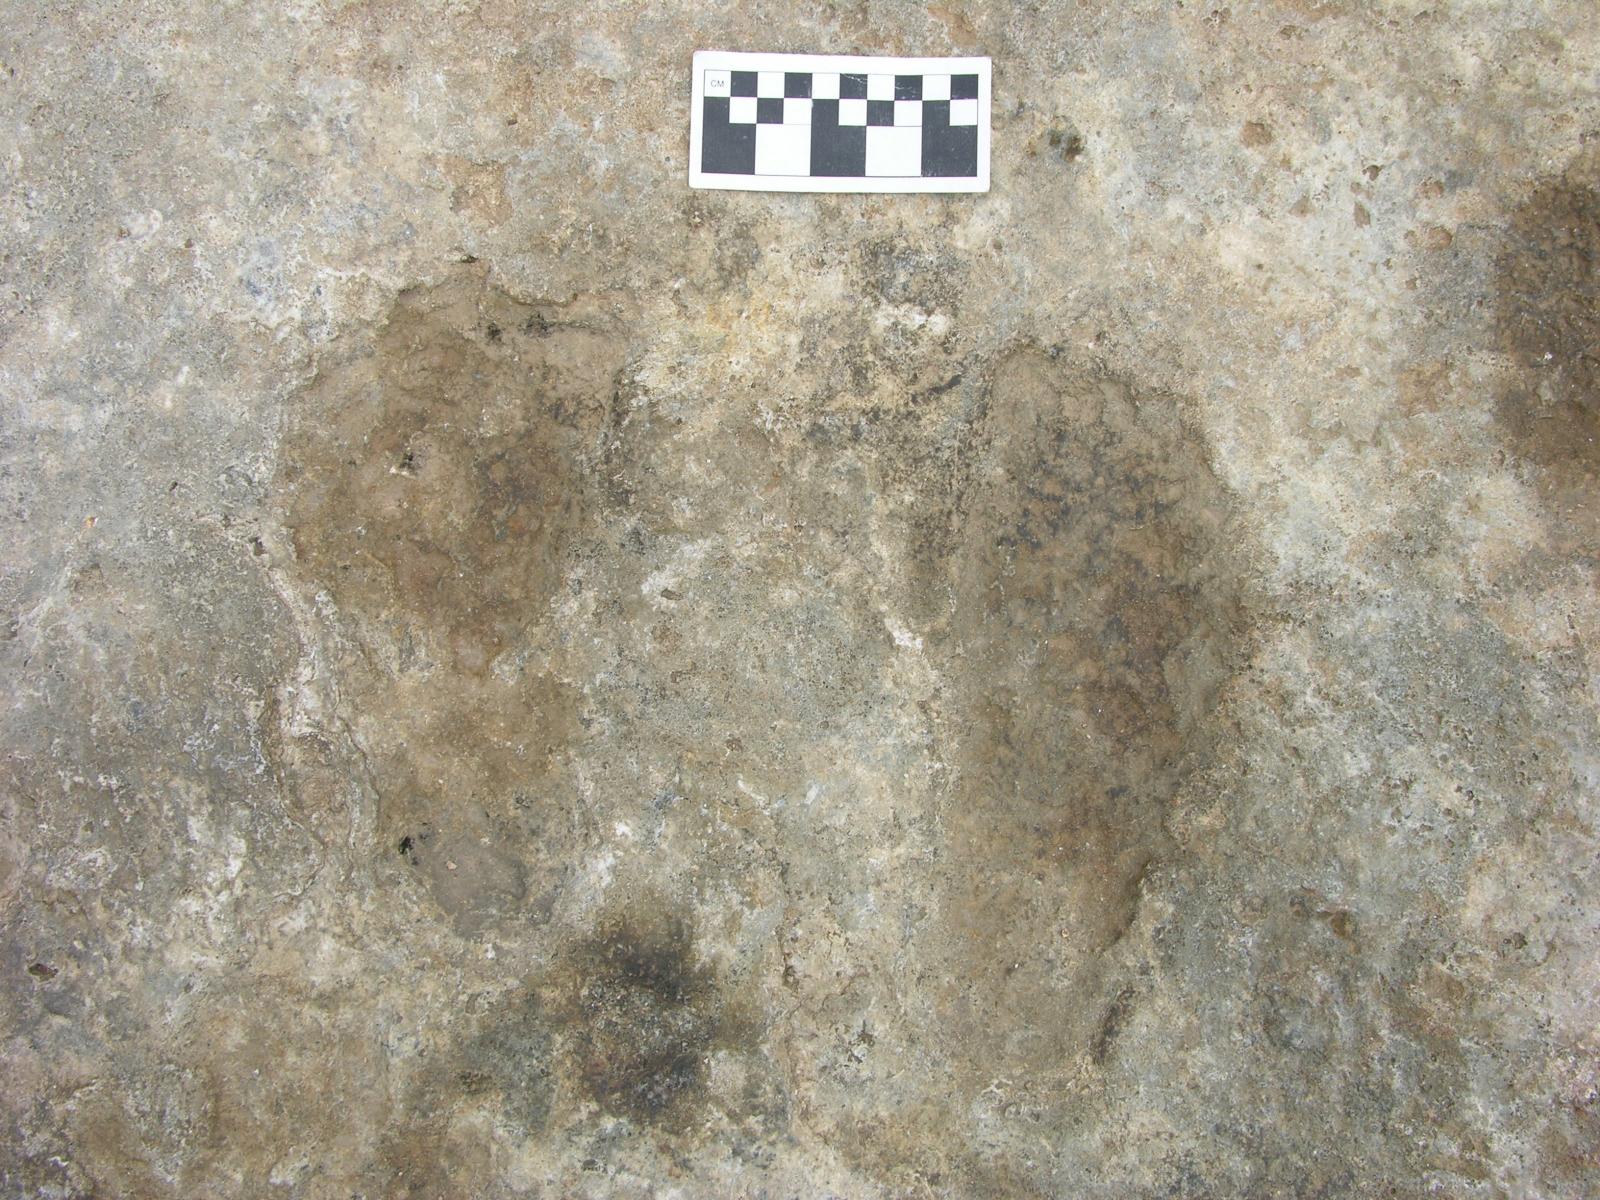 Chusang footprints